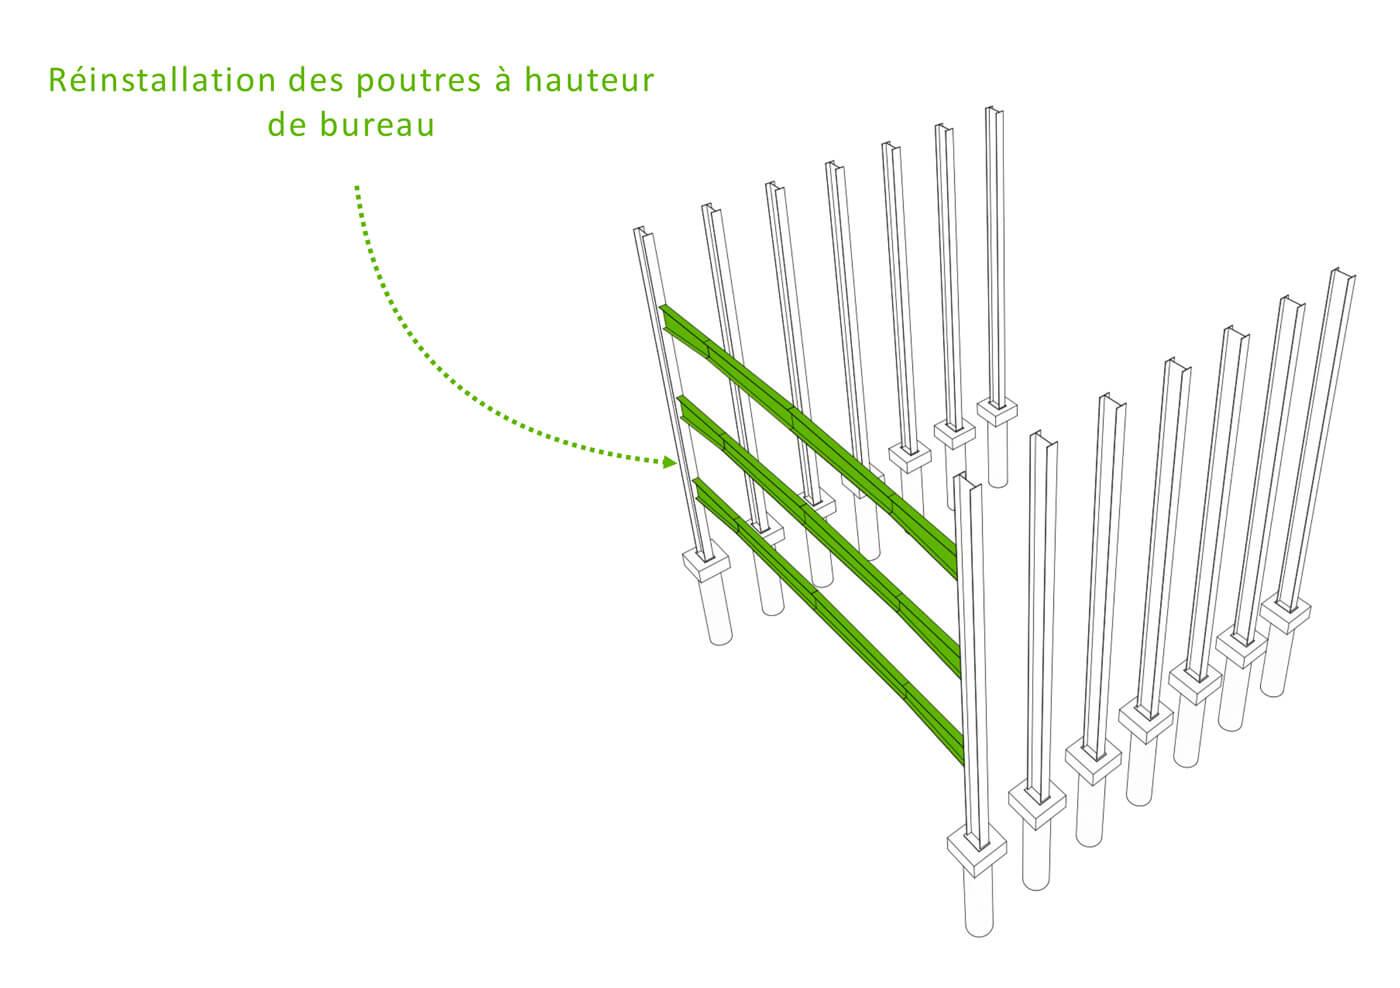 Parking silo Astro réversible en immeuble résidentiel : plateaux démontables et remontables